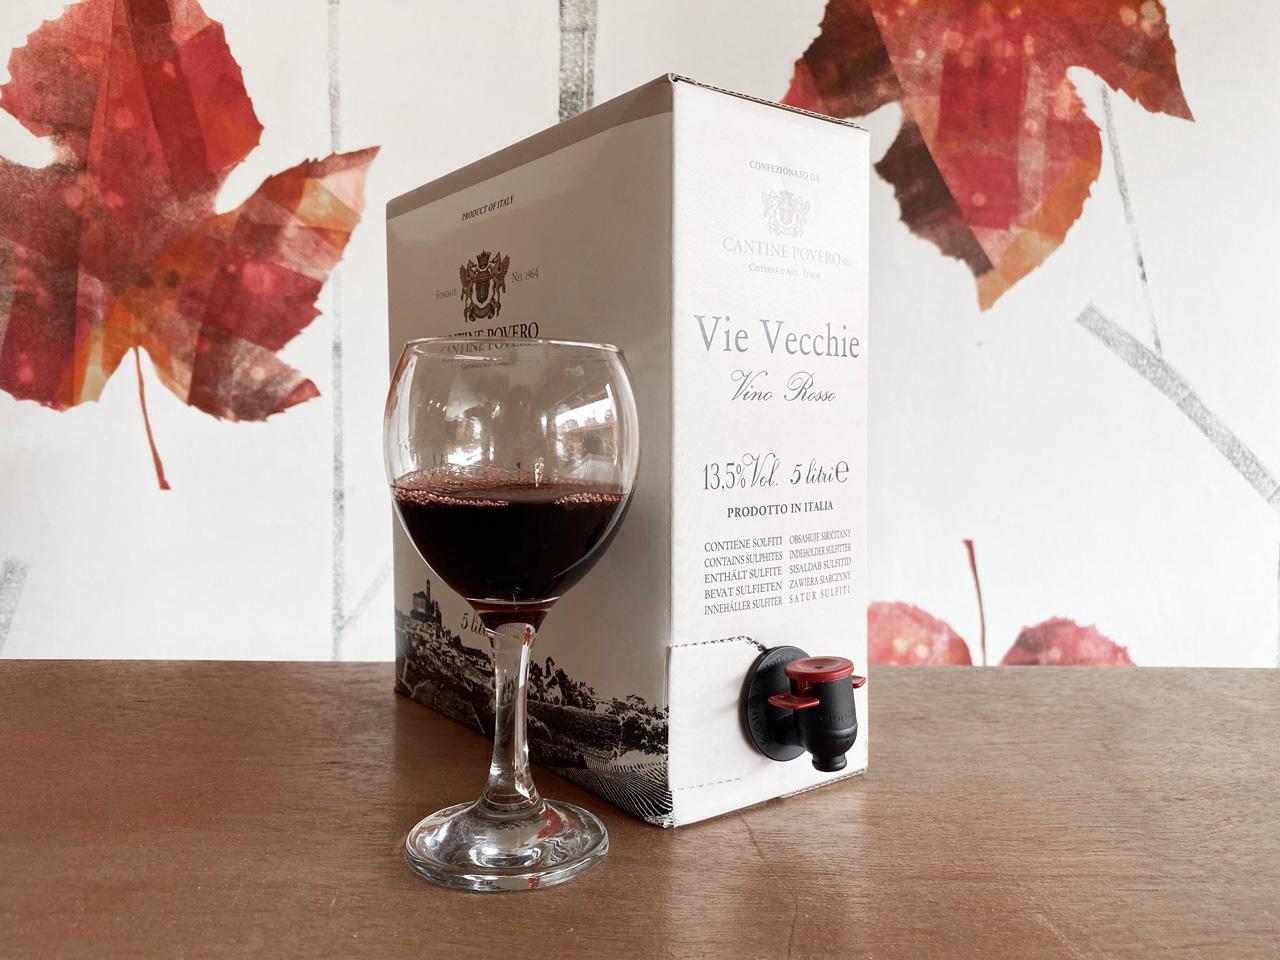 Vino Sfuso in Bag in box Bulk Wine Monza